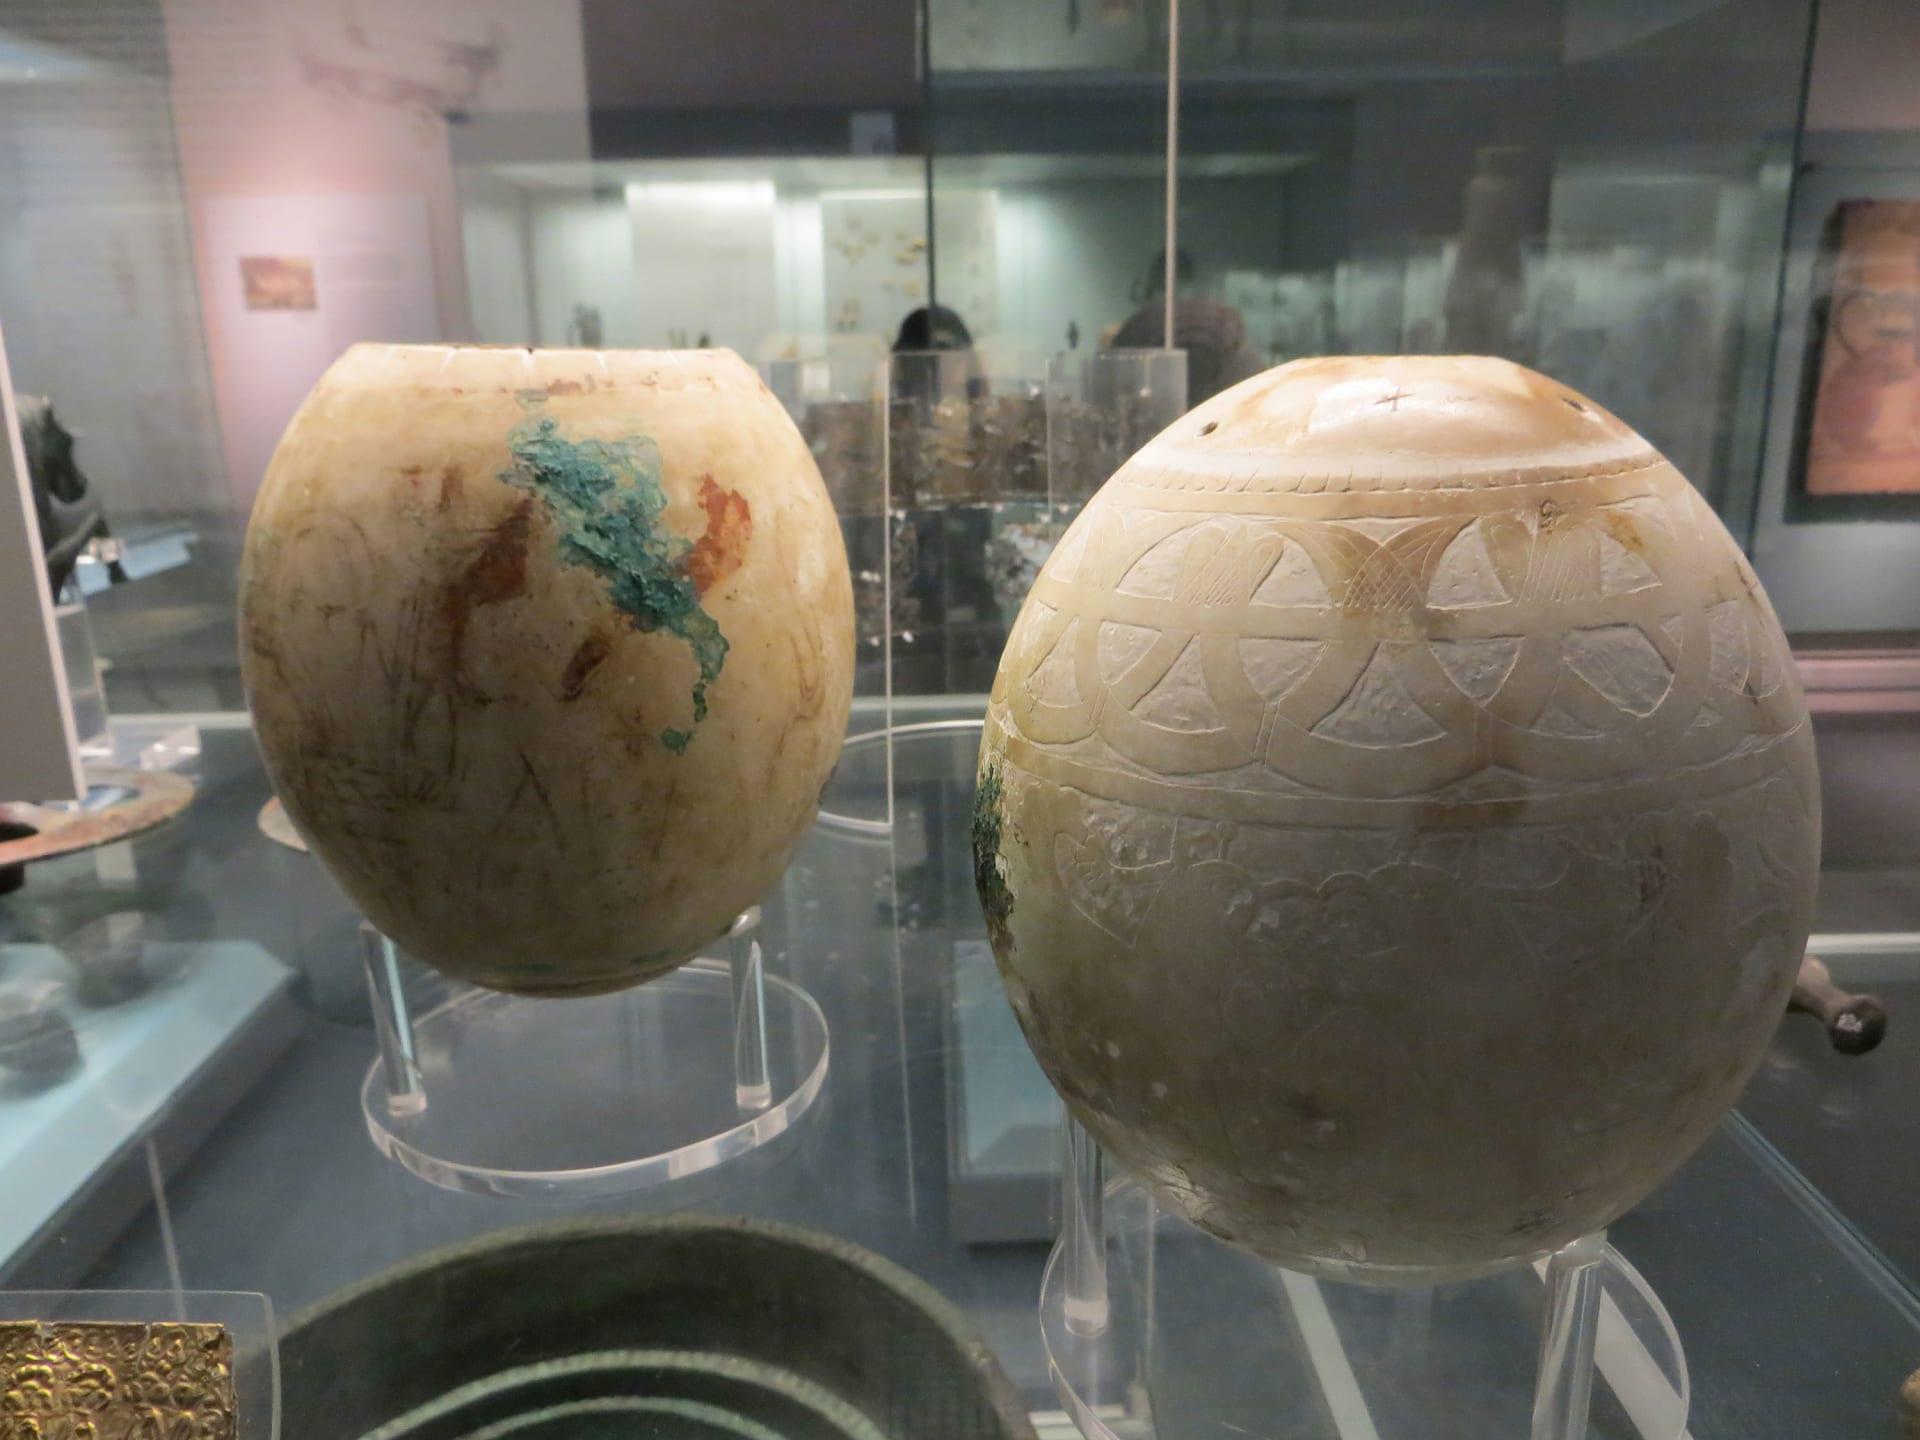 باحثون يحلون لغزاً عمره 5 آلاف عام عن بيض النعام